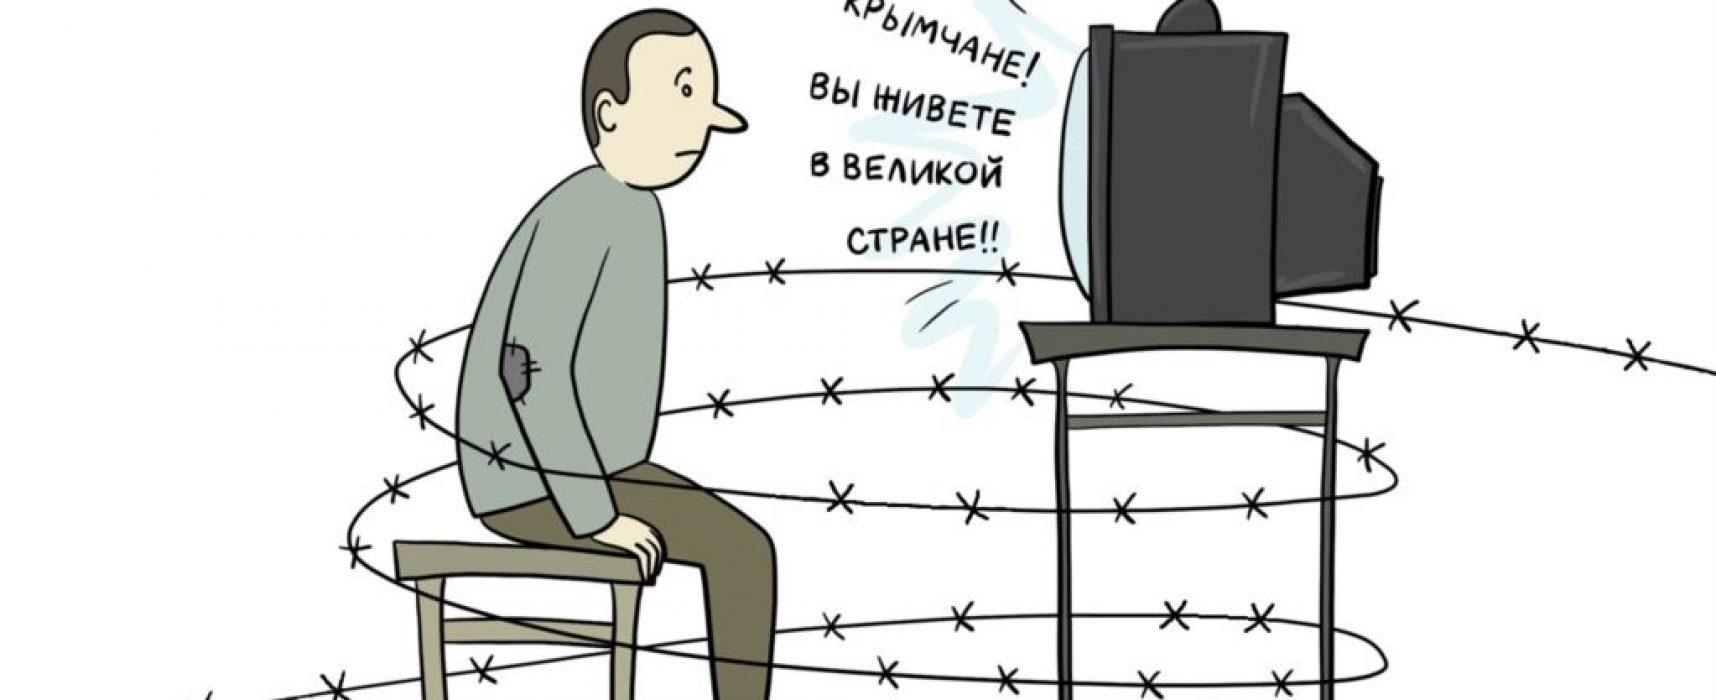 Олег Панфилов: Русский язык – оружие сепаратистов